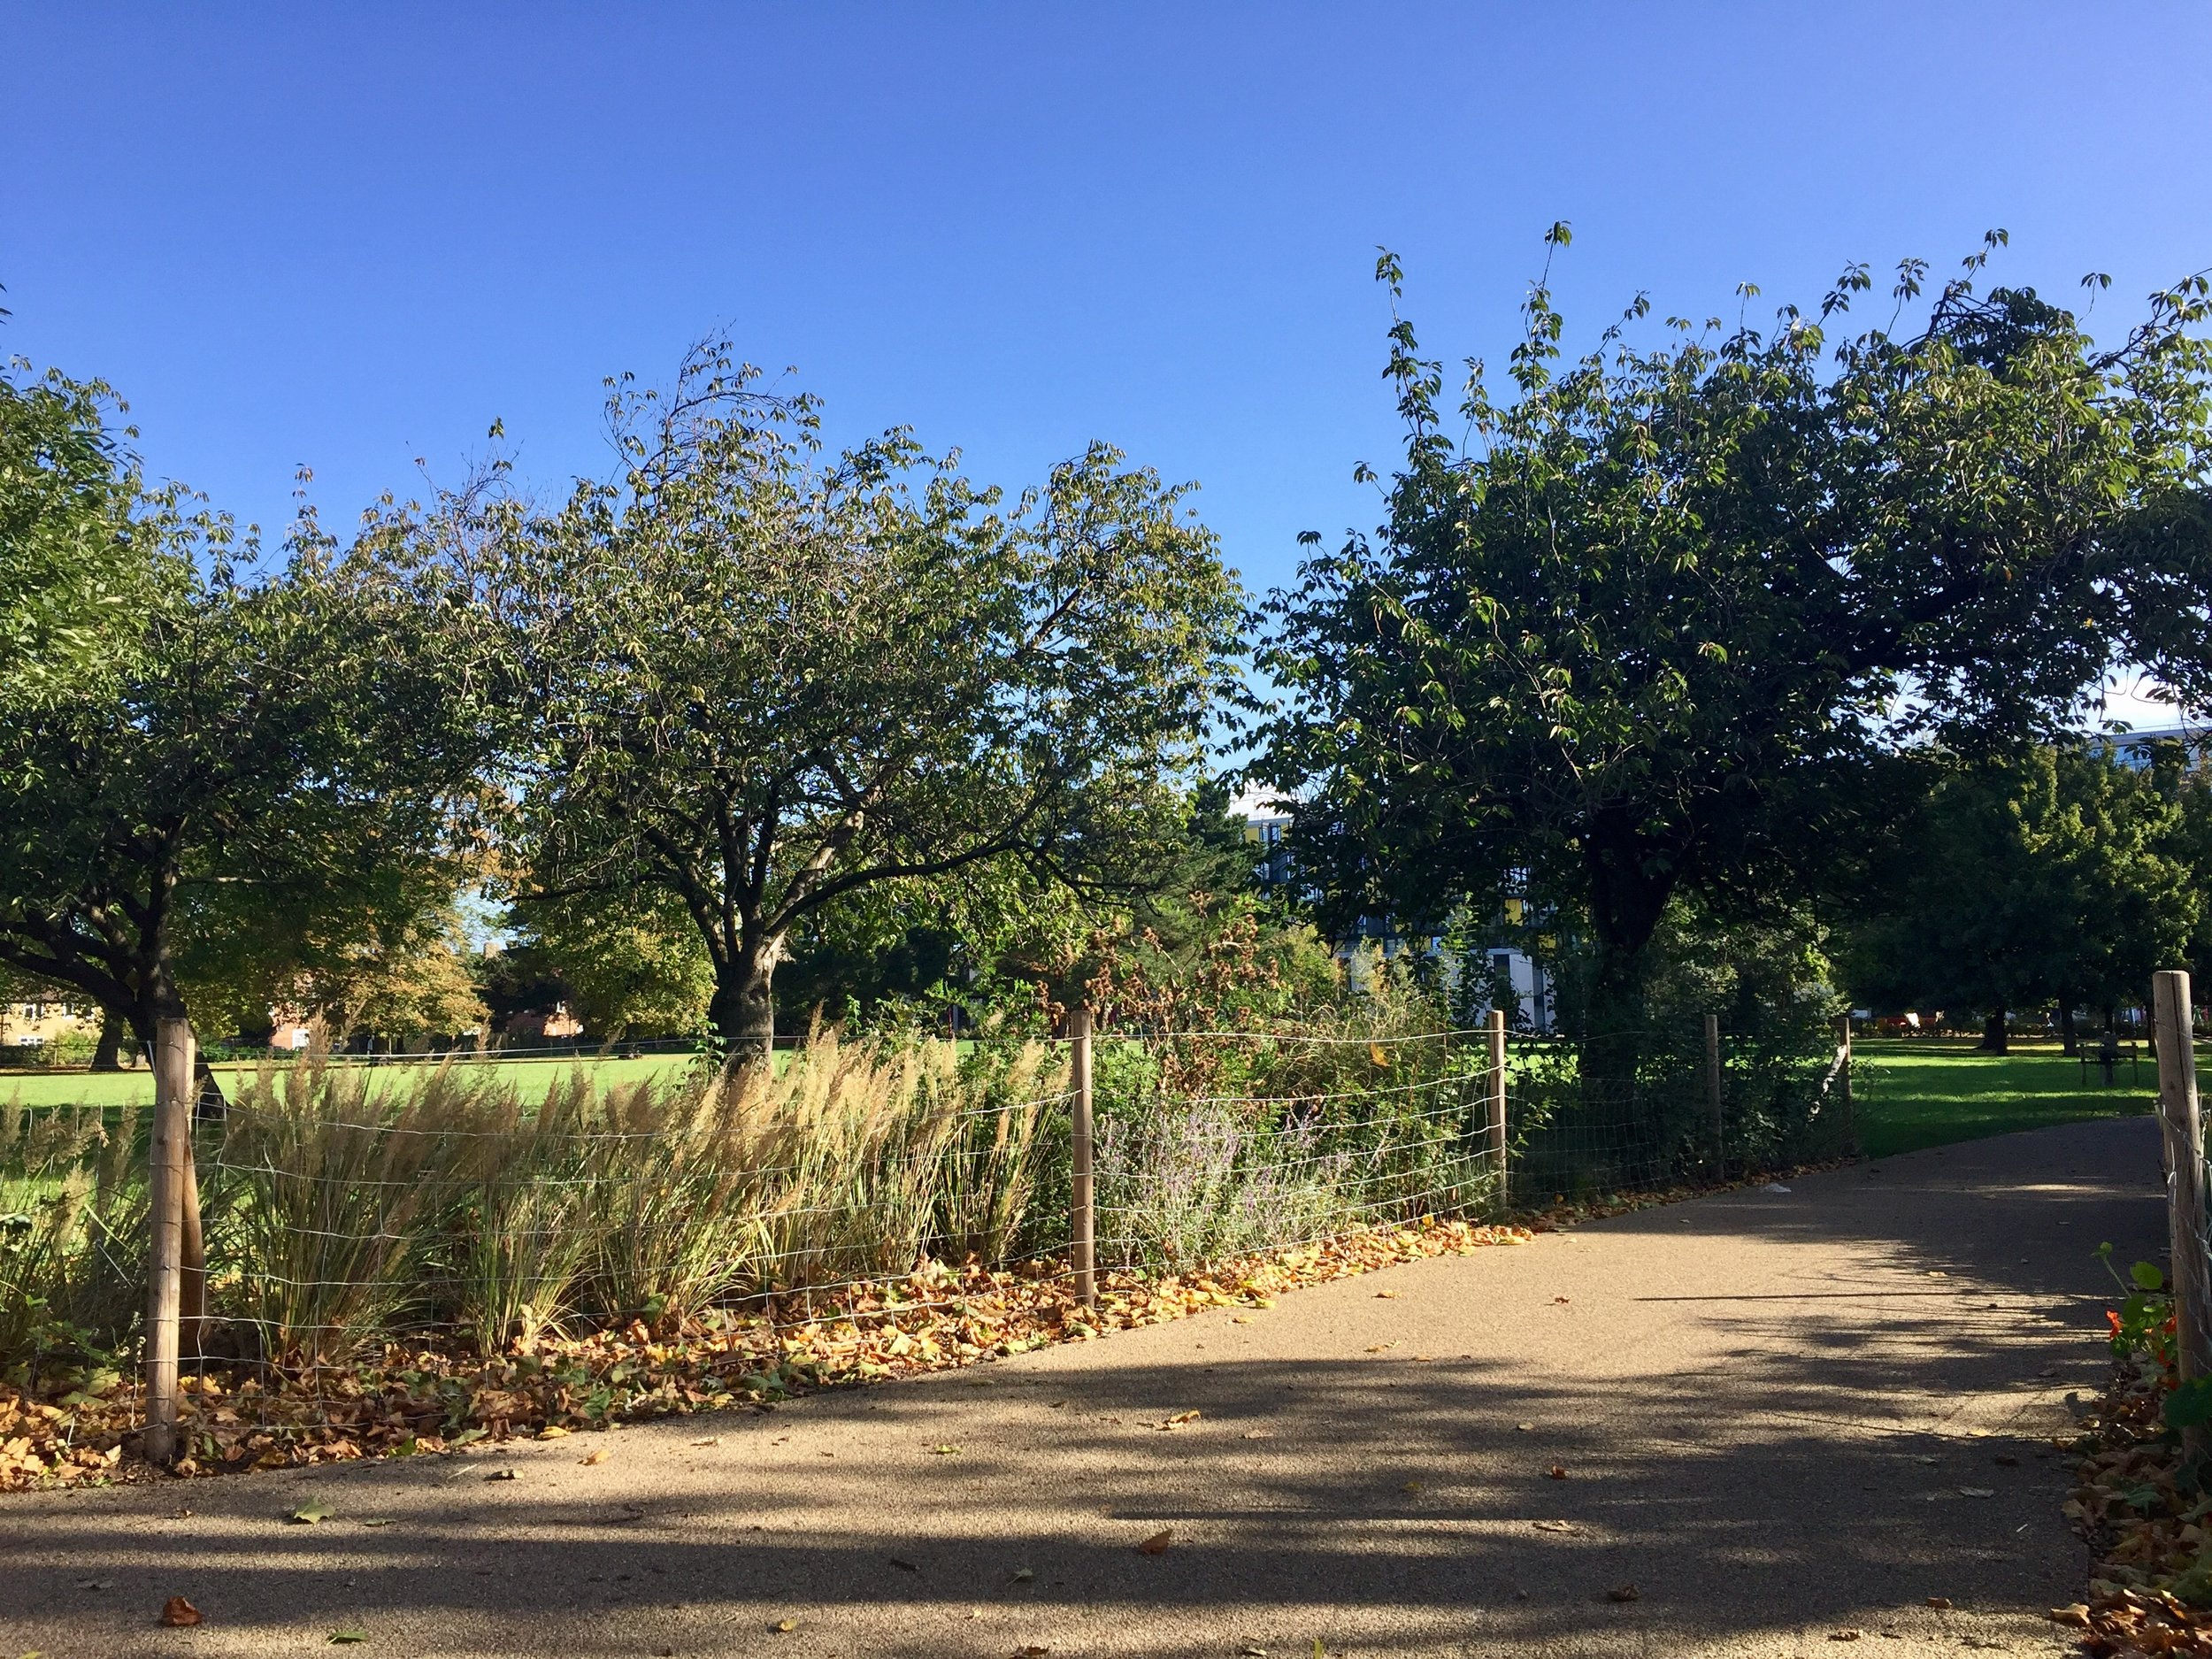 Wormholt Park